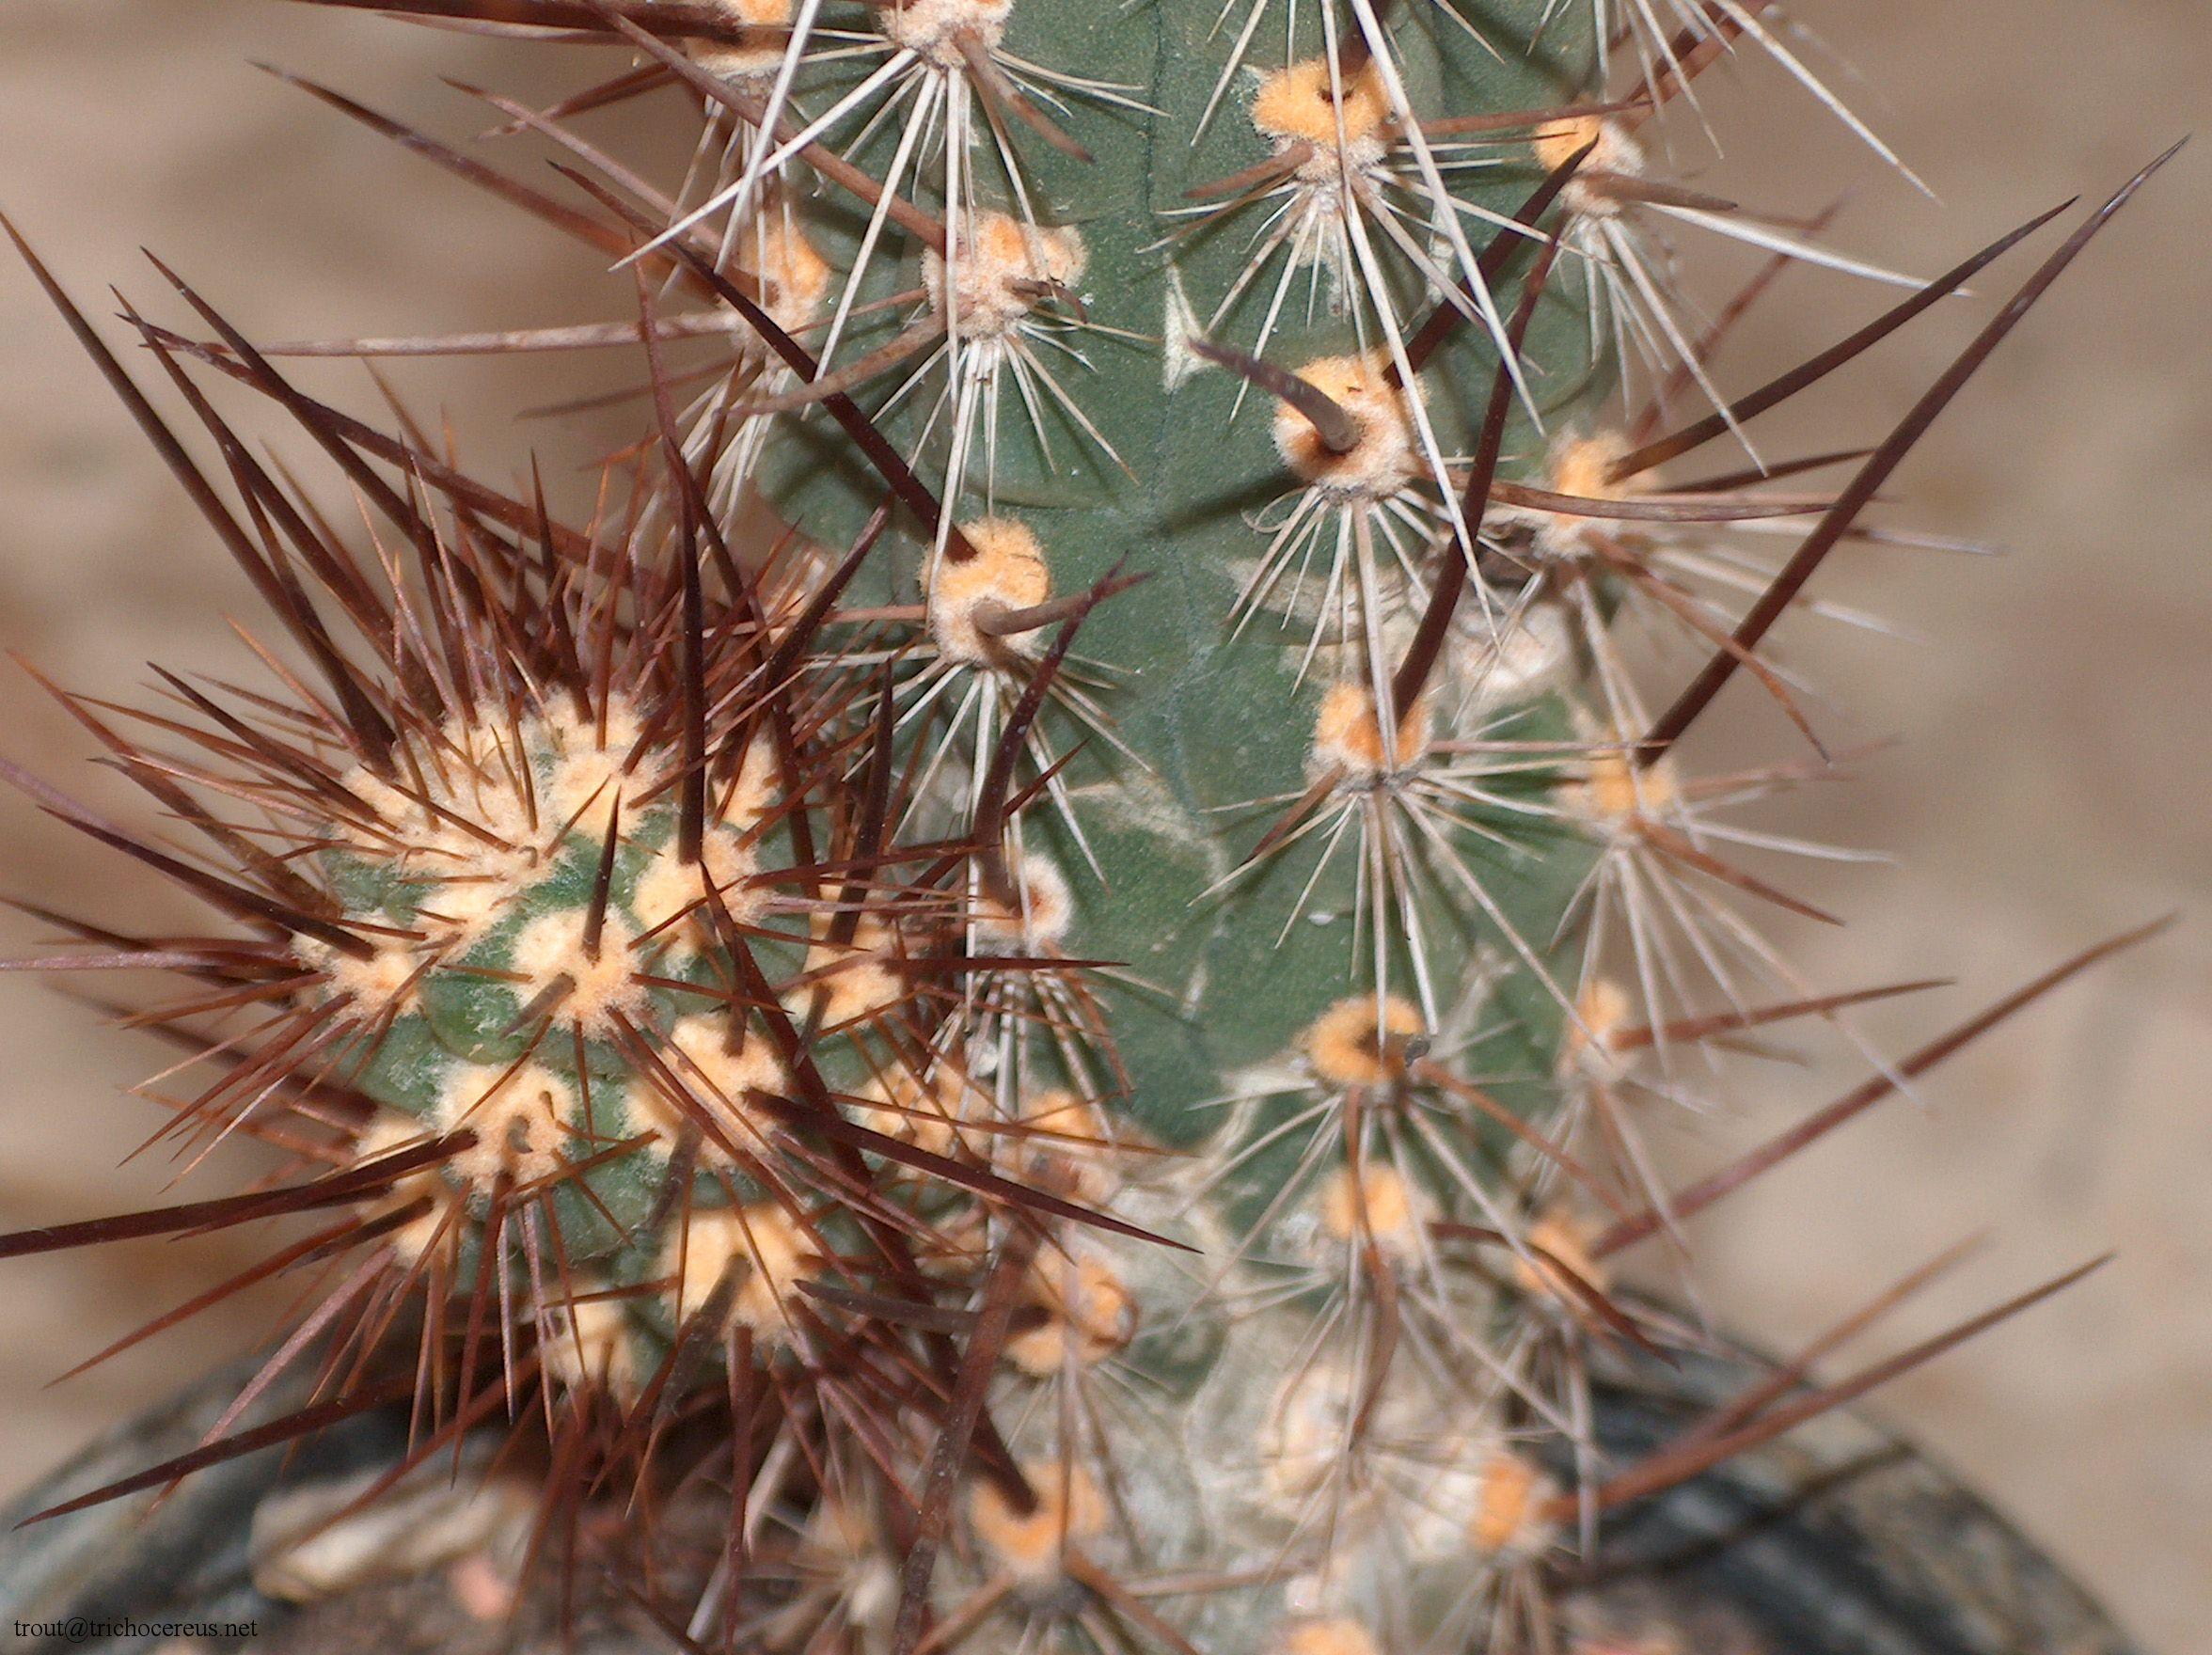 Trichocereus deserticolus / Echinopsis deserticola Patrick Noll 5